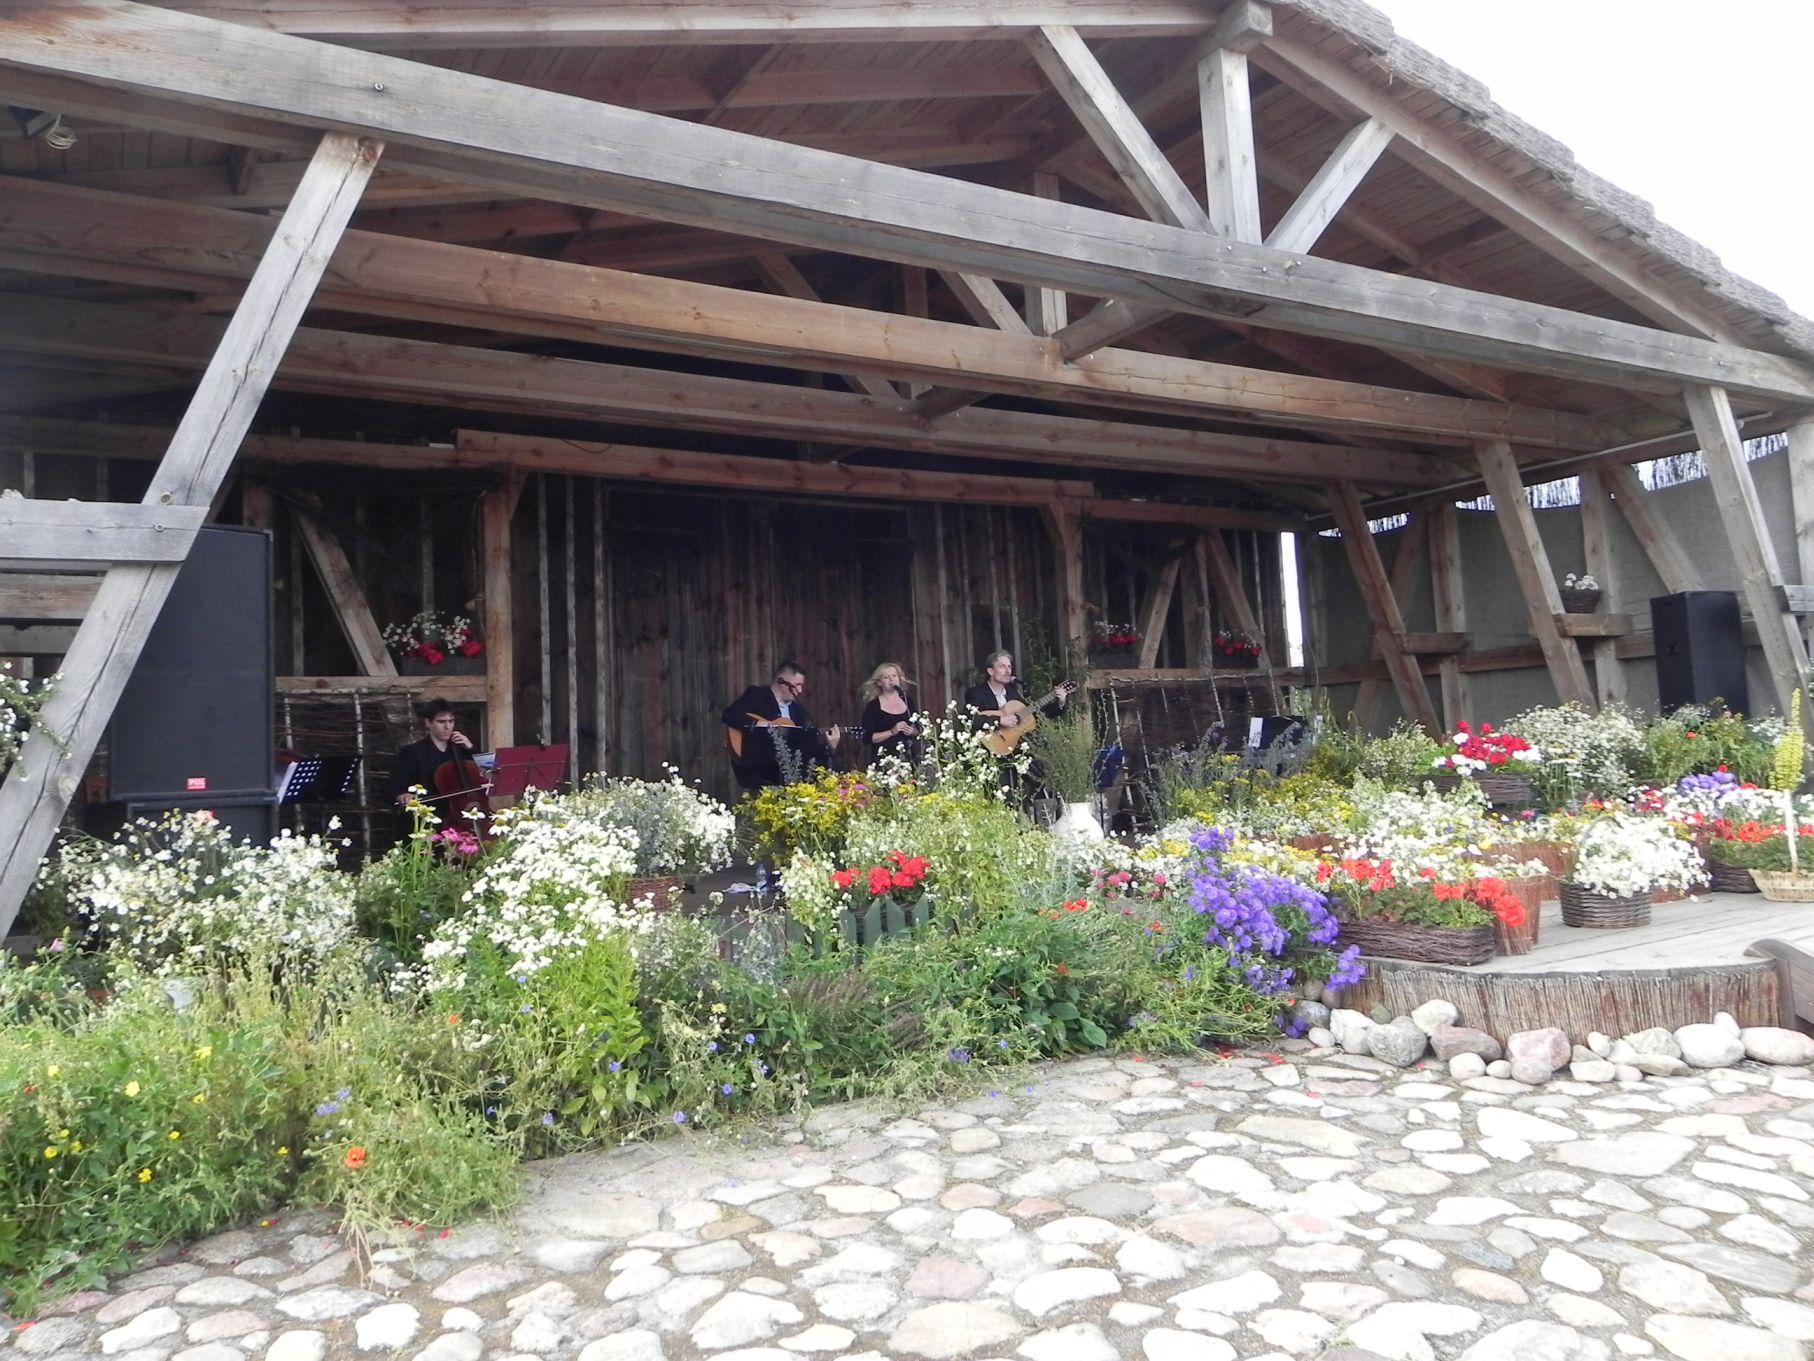 Kamionka - wioski tematyczne (137)